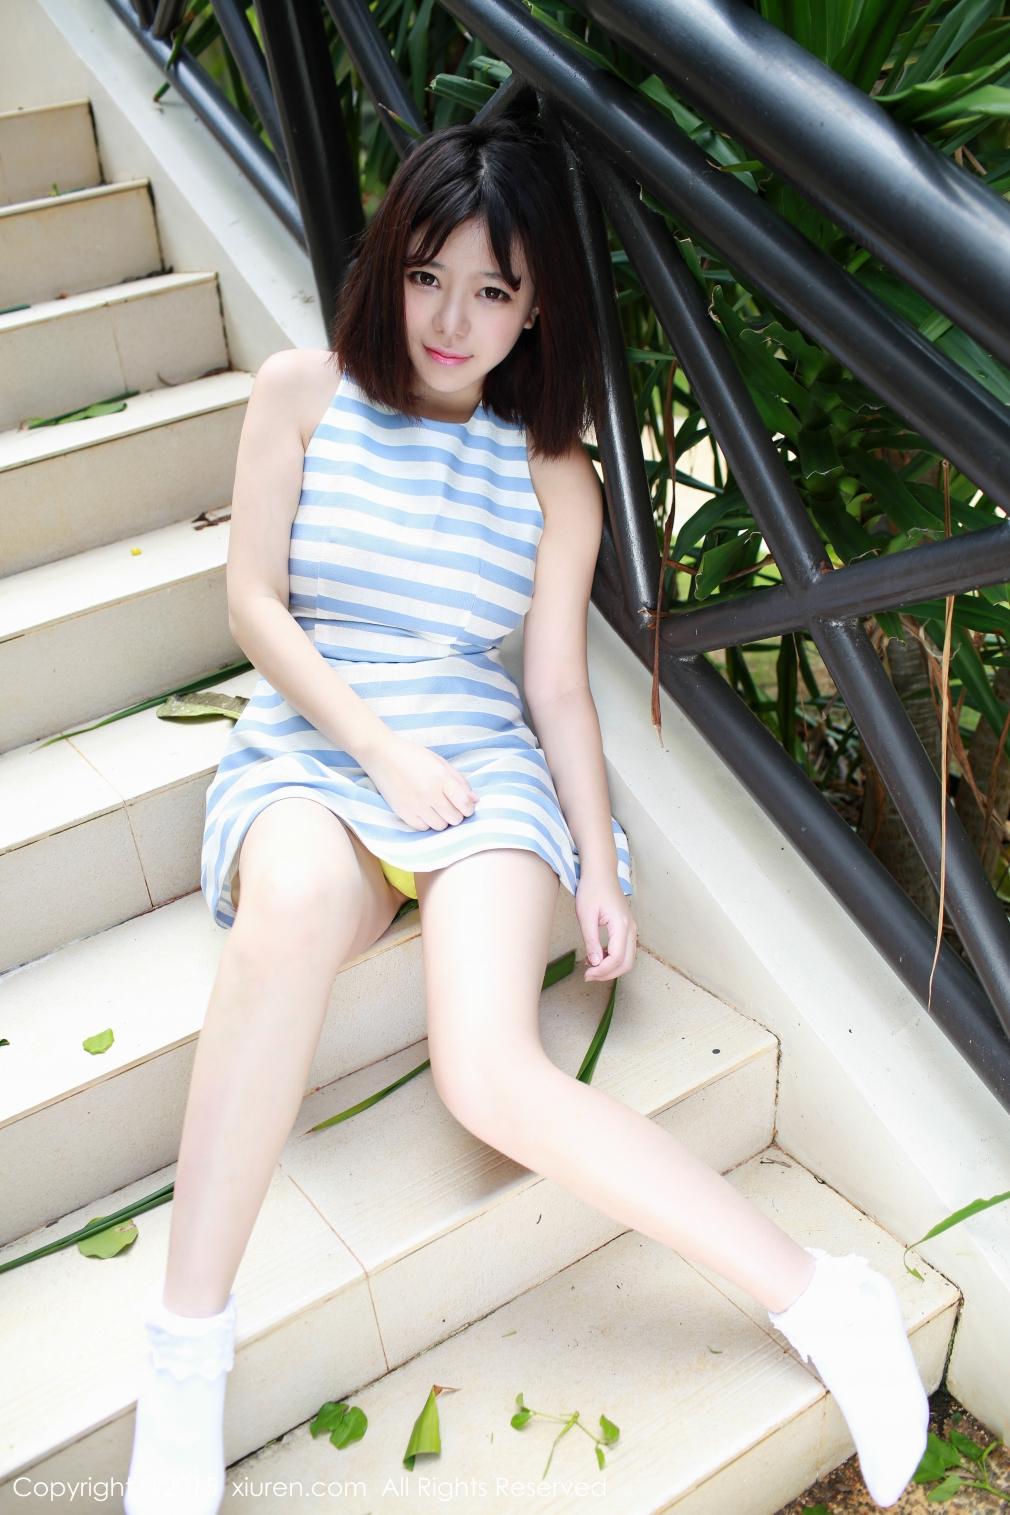 021 - XiuRen No.362 Faye